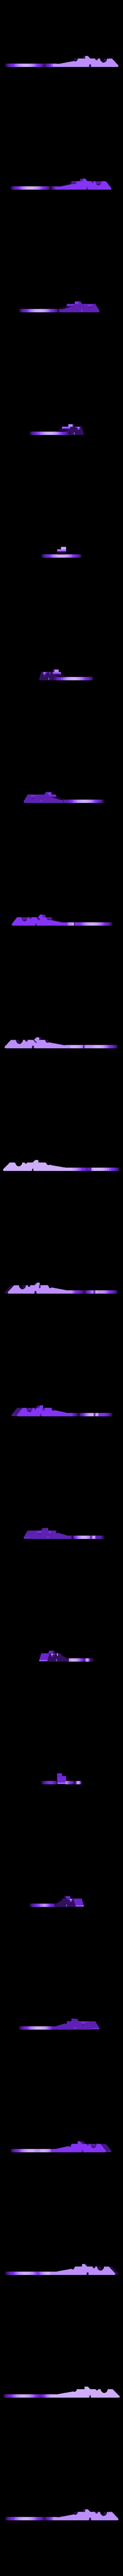 Pince a linge camping 2.stl Télécharger fichier STL gratuit Pince à linge camping ou voyage • Objet à imprimer en 3D, Ldom21